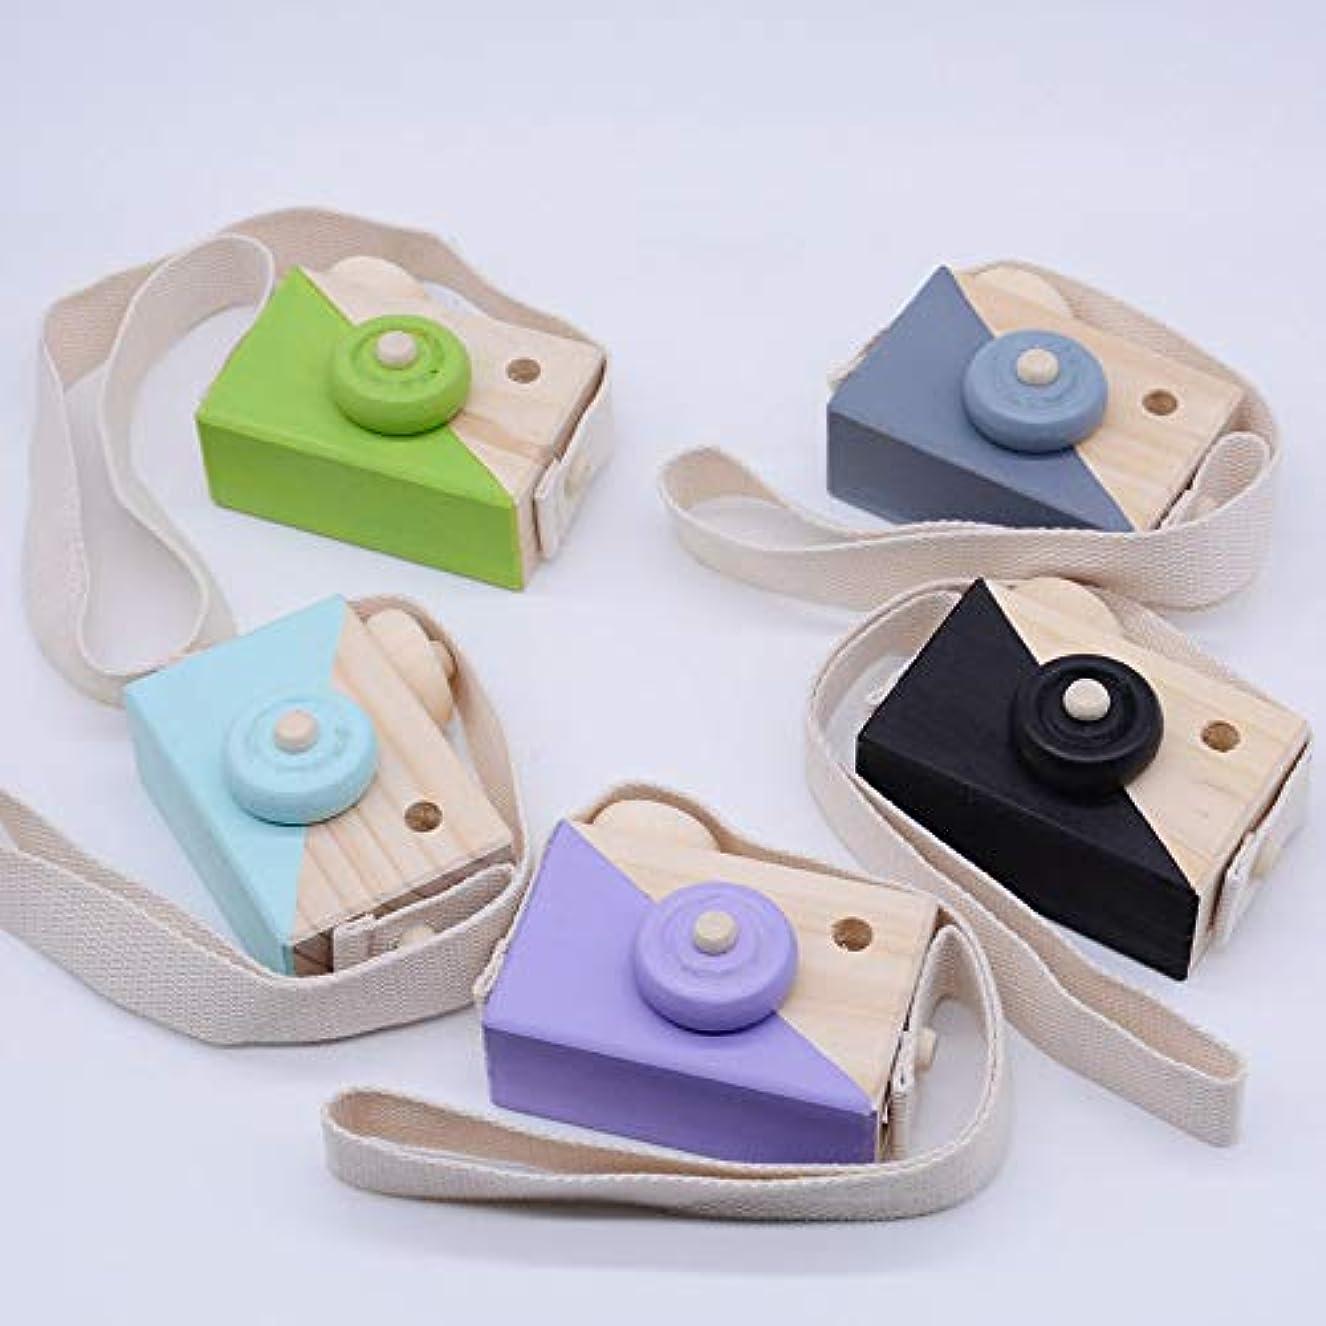 実行する刺激する除外するミニかわいい木製カメラのおもちゃ安全なナチュラル玩具ベビーキッズファッション服アクセサリー玩具誕生日クリスマスホリデーギフト (緑)